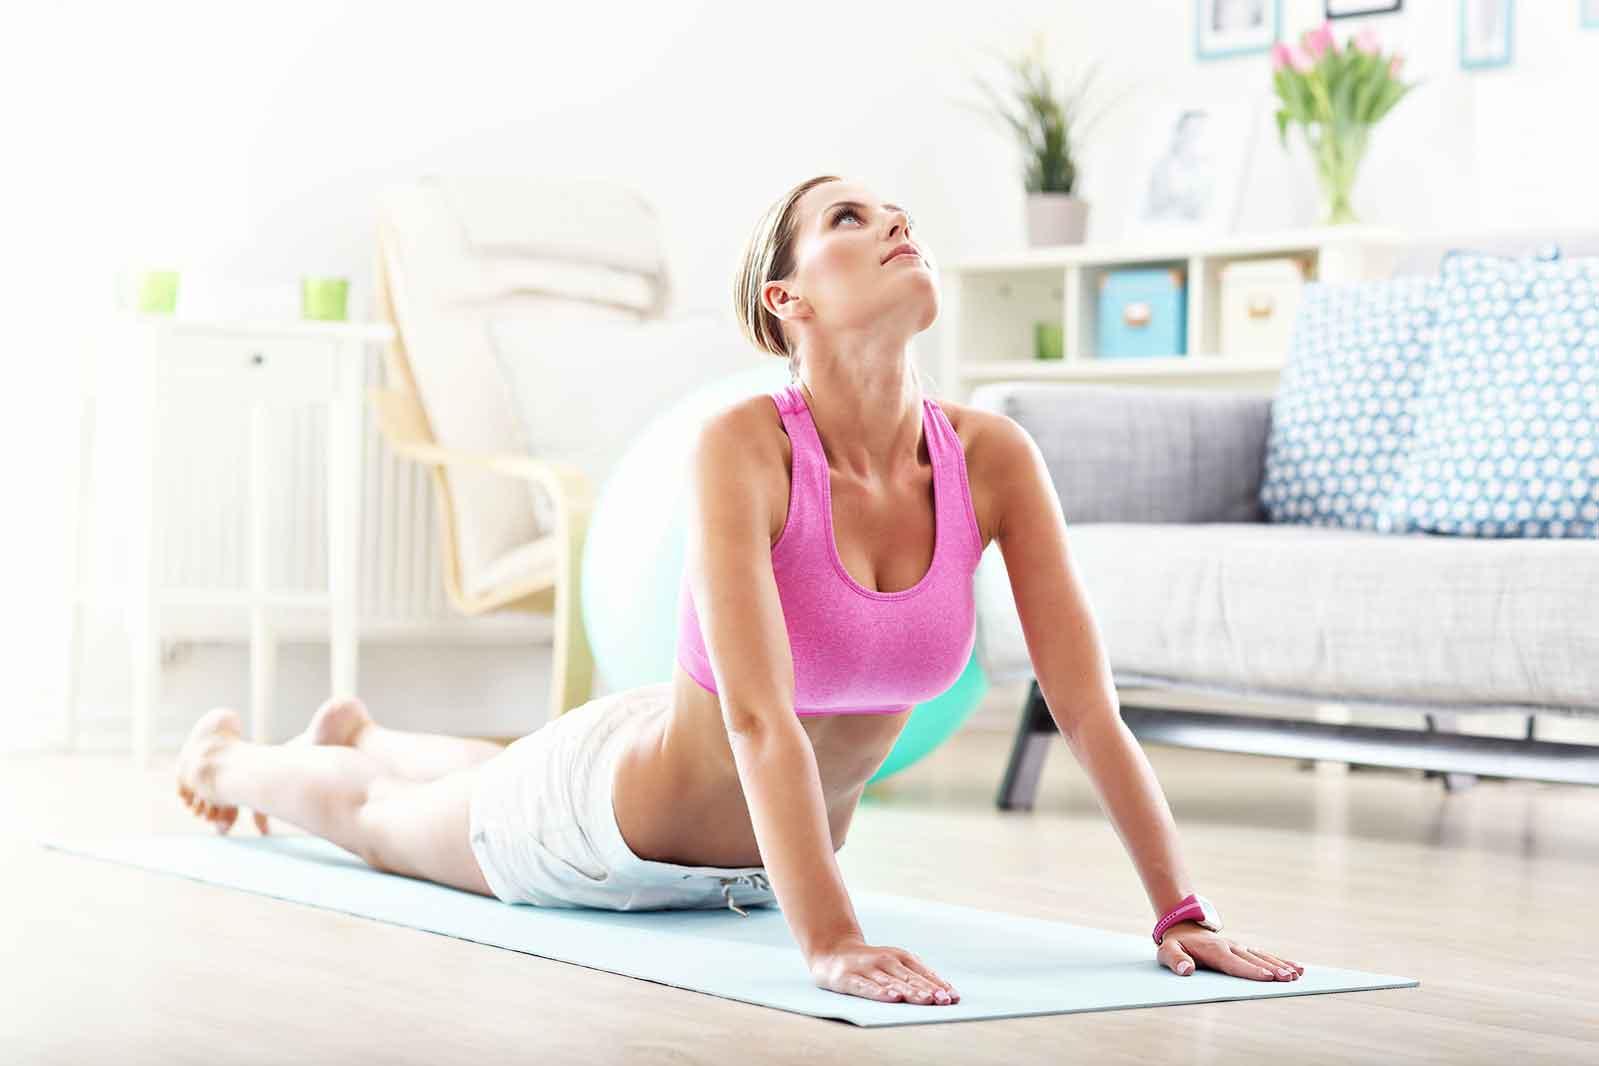 Комплексные Физические Упражнения Для Похудения. Список лучших упражнений для похудения в домашних условиях для женщин